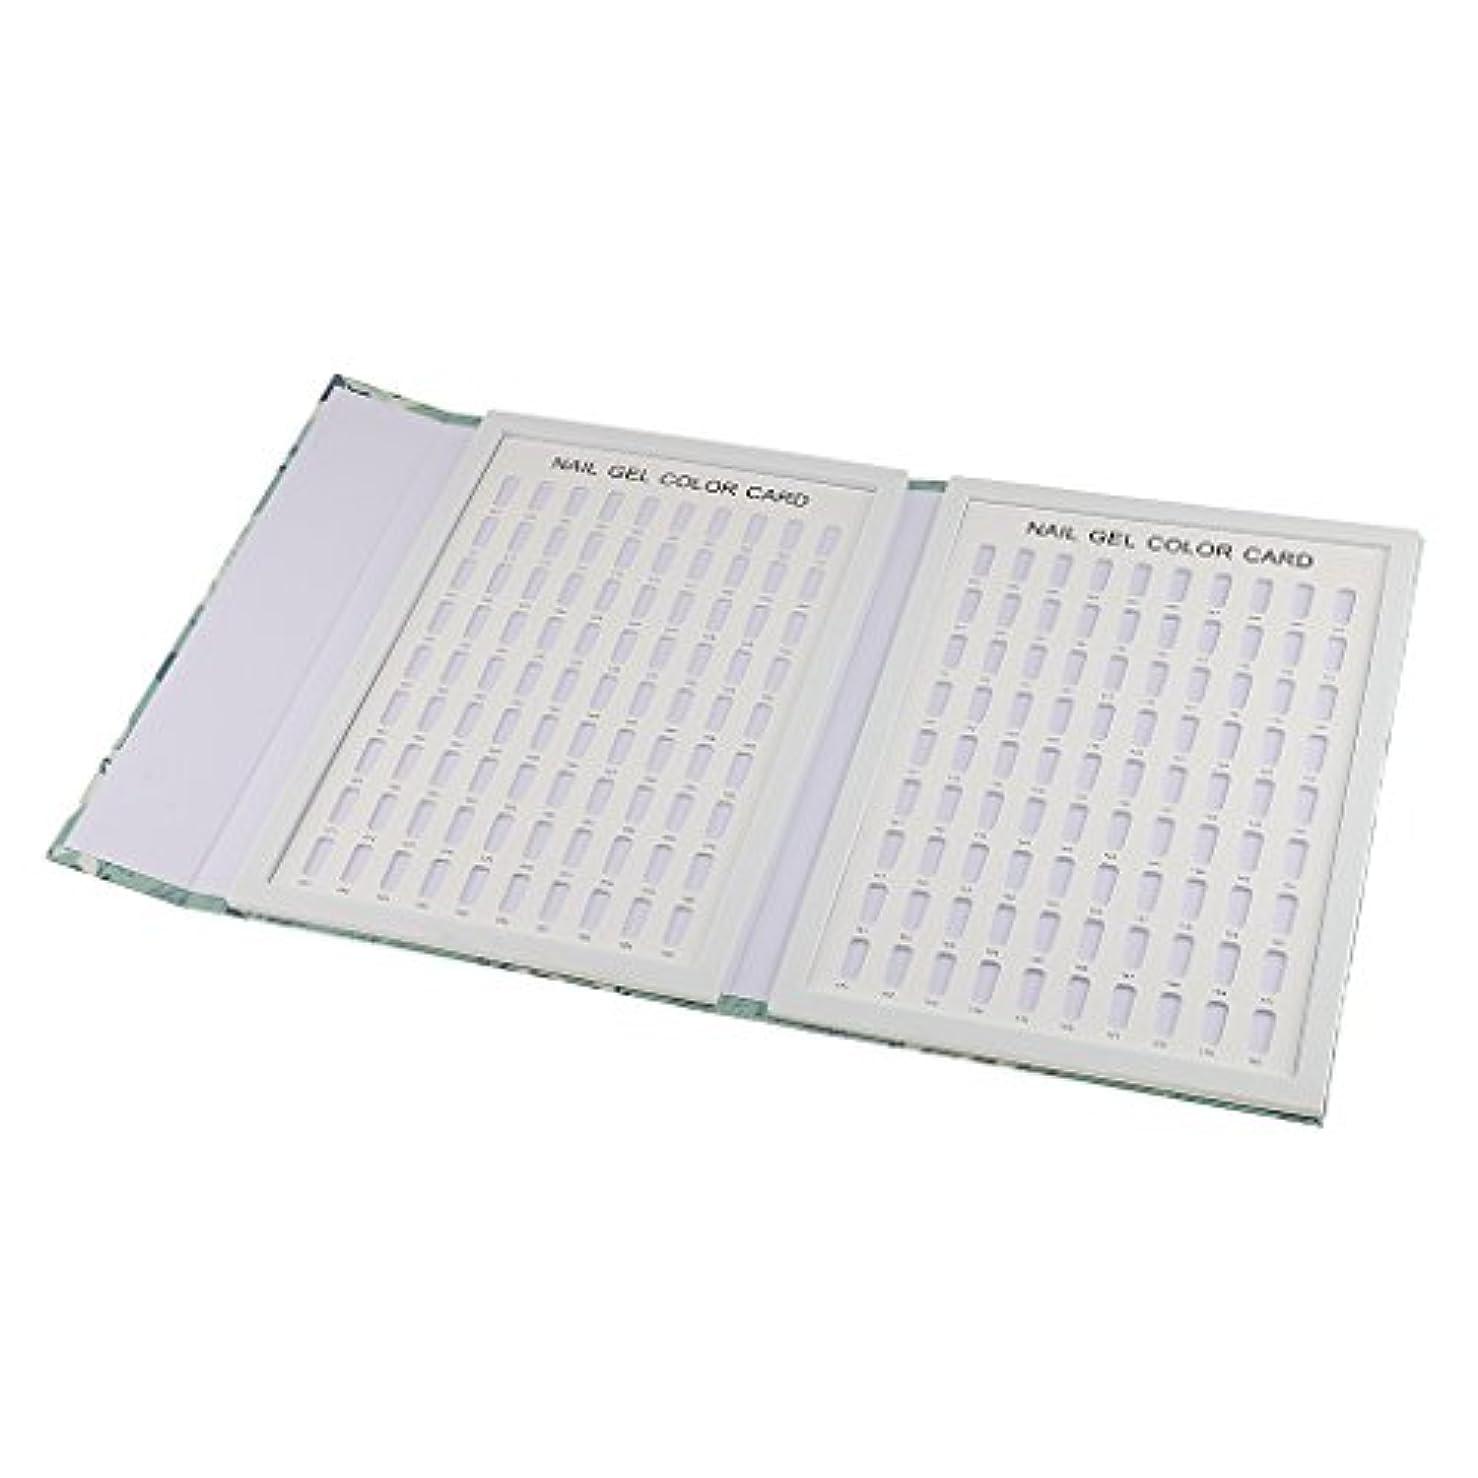 小包脱獄囚人CUTICATE 爪ディスプレイブック ネイル ディスプレイブック カラーチャート 全3種 - 180色